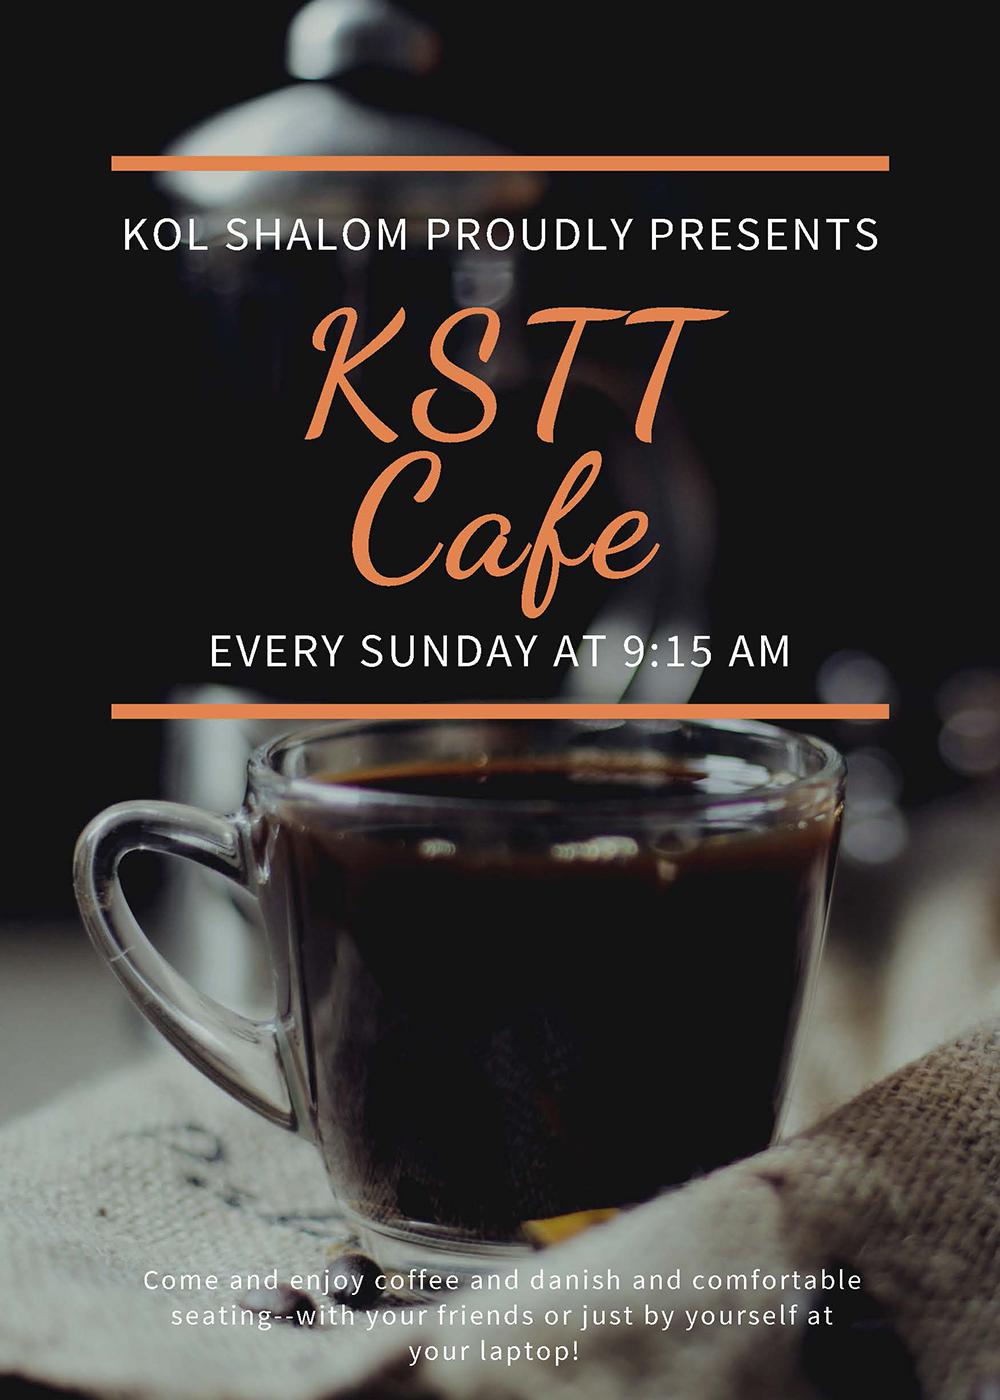 KSTT Cafe